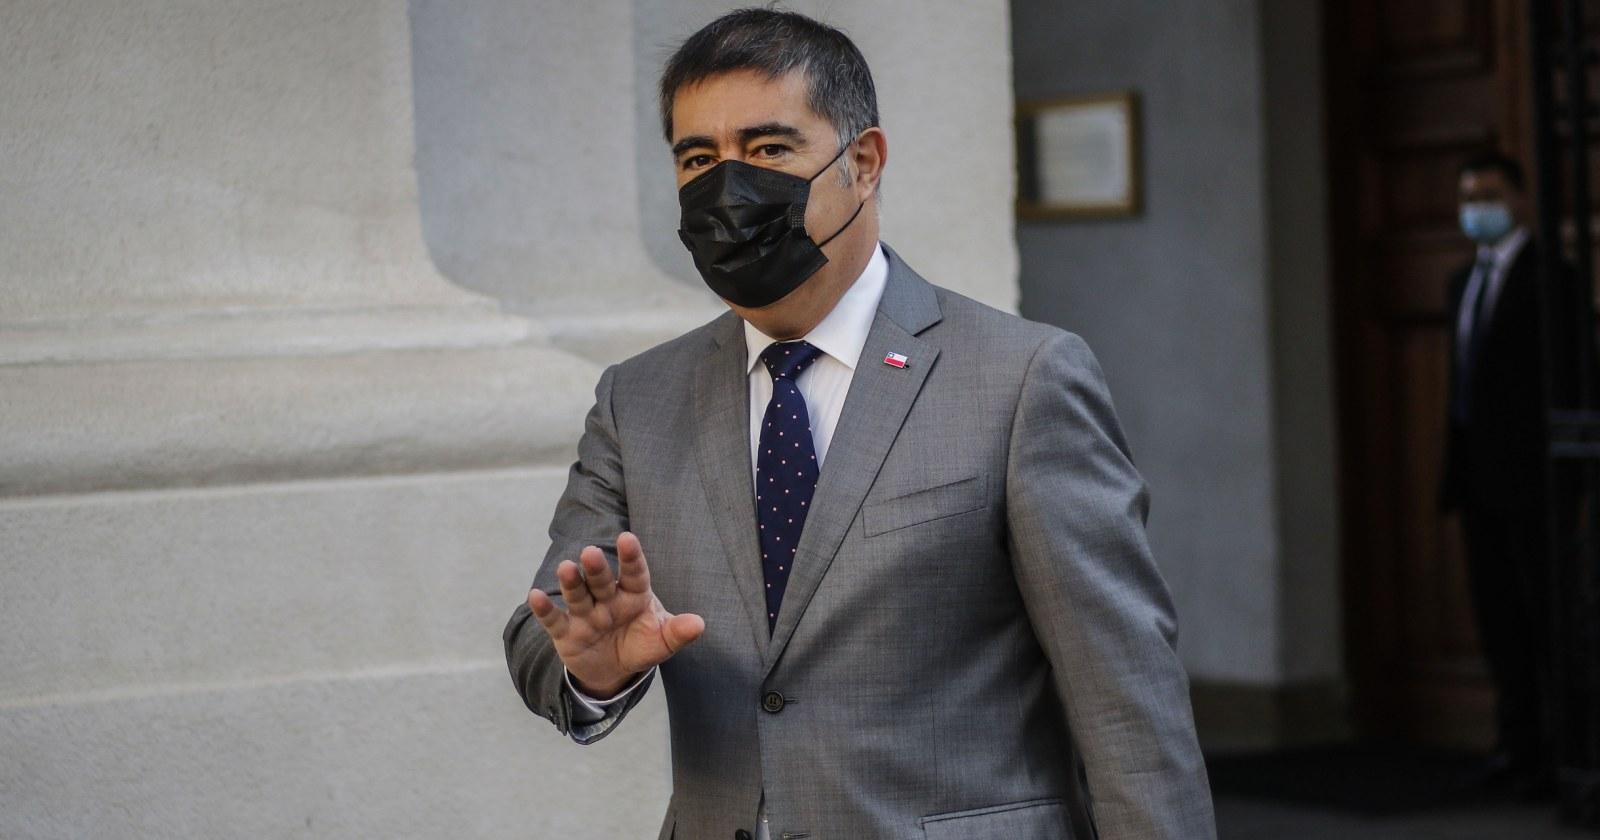 """""""Es probable, pero lo vamos a conversar con el Presidente"""": Desbordes coquetea con carrera a La Moneda"""